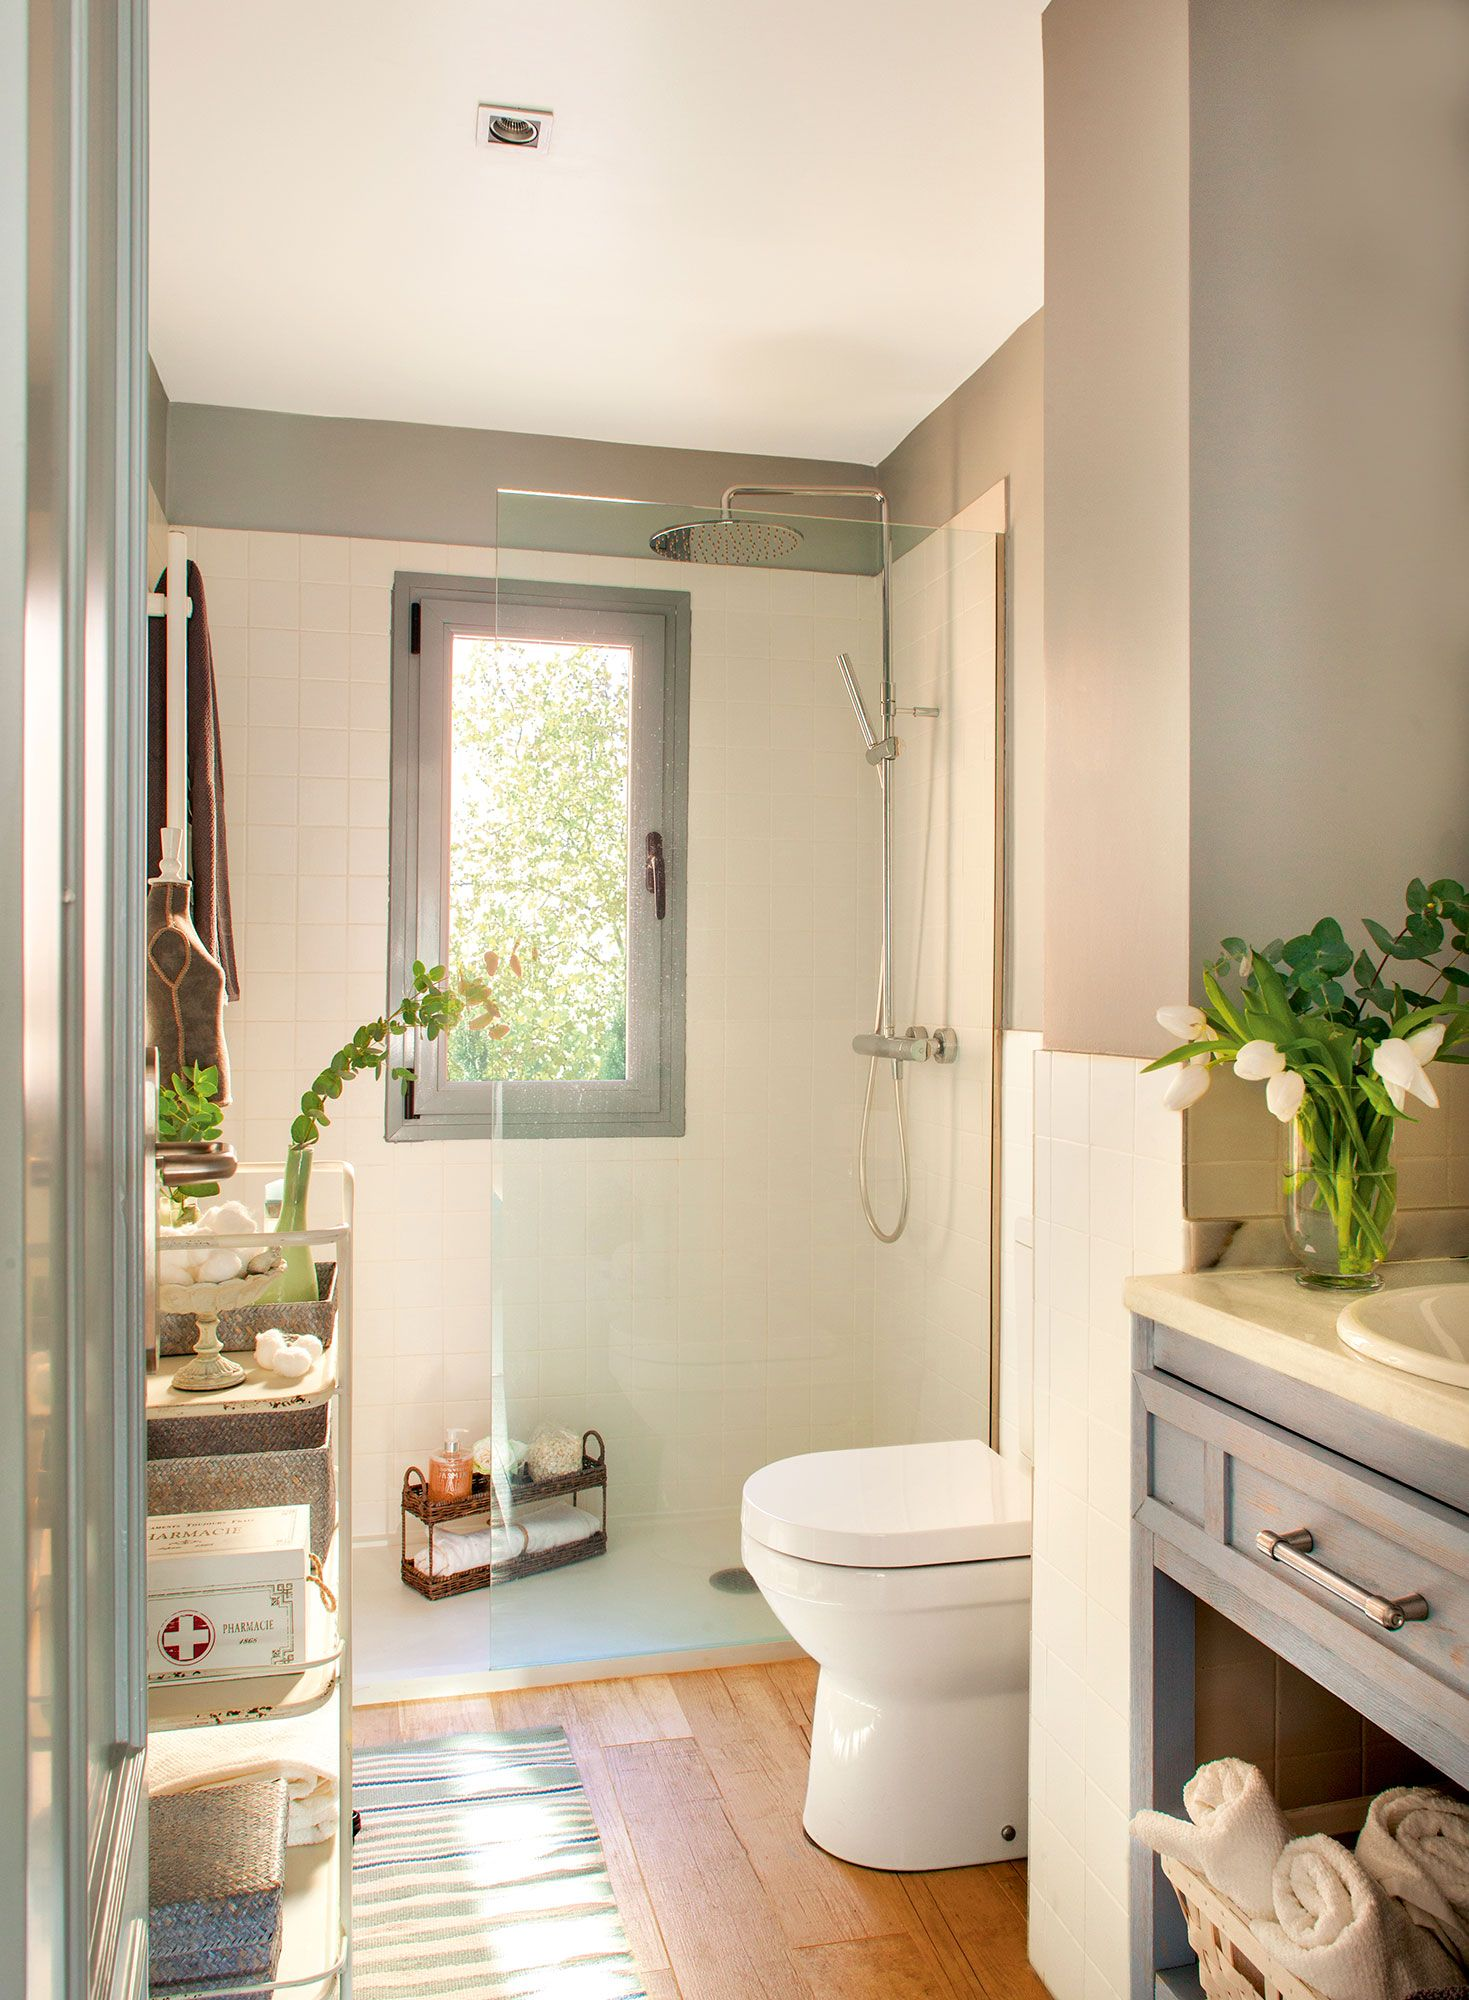 Ba o con ducha y mueble bajolavabo de madera en azul for Mueble para ducha